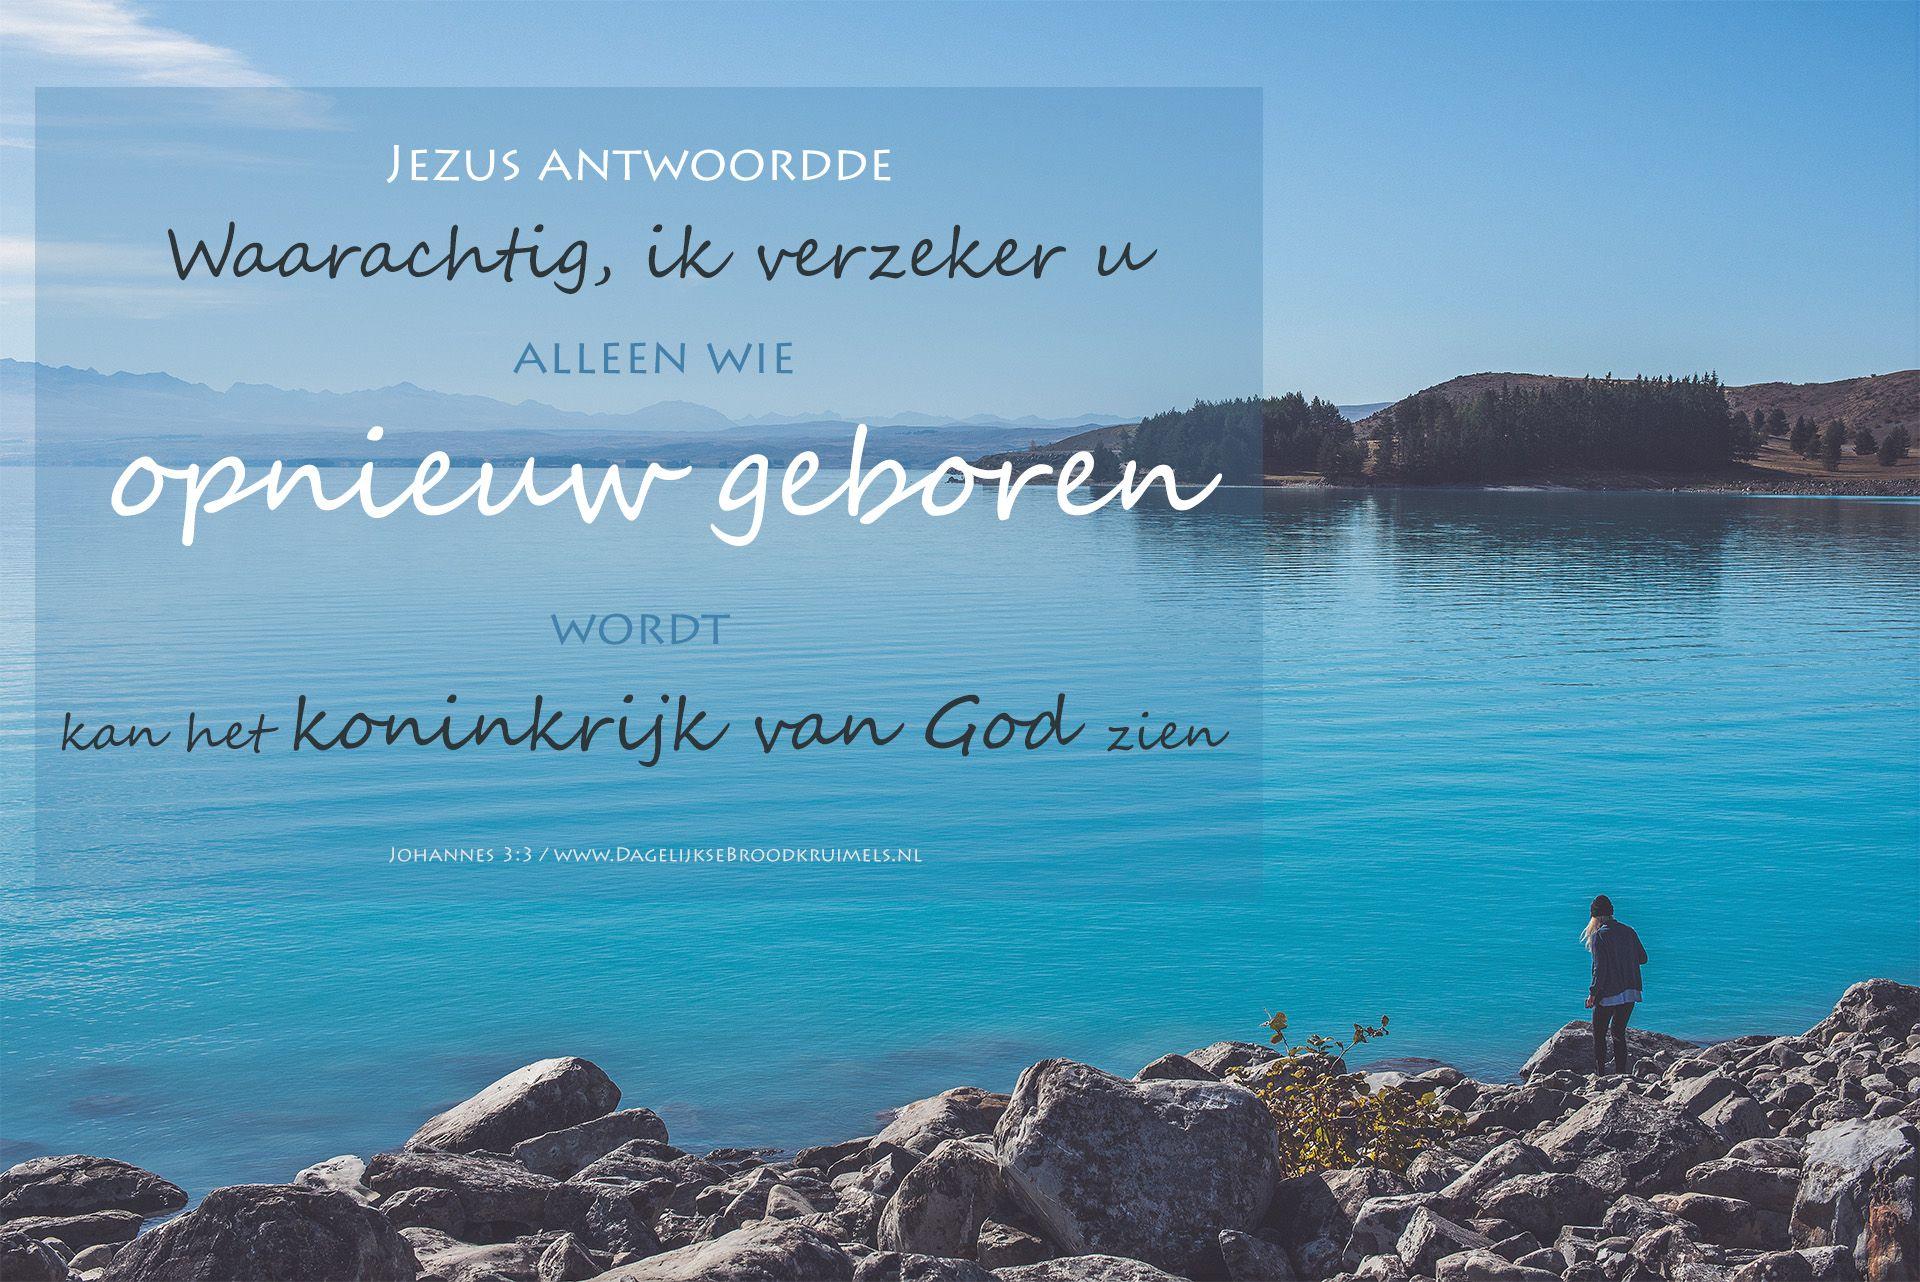 Jezus antwoordde: Waarachtig, ik verzeker u: alleen wie opnieuw geboren wordt, kan het koninkrijk van God zien.  #Koninkrijk, #Jezus  https://www.dagelijksebroodkruimels.nl/johannes-3-3/